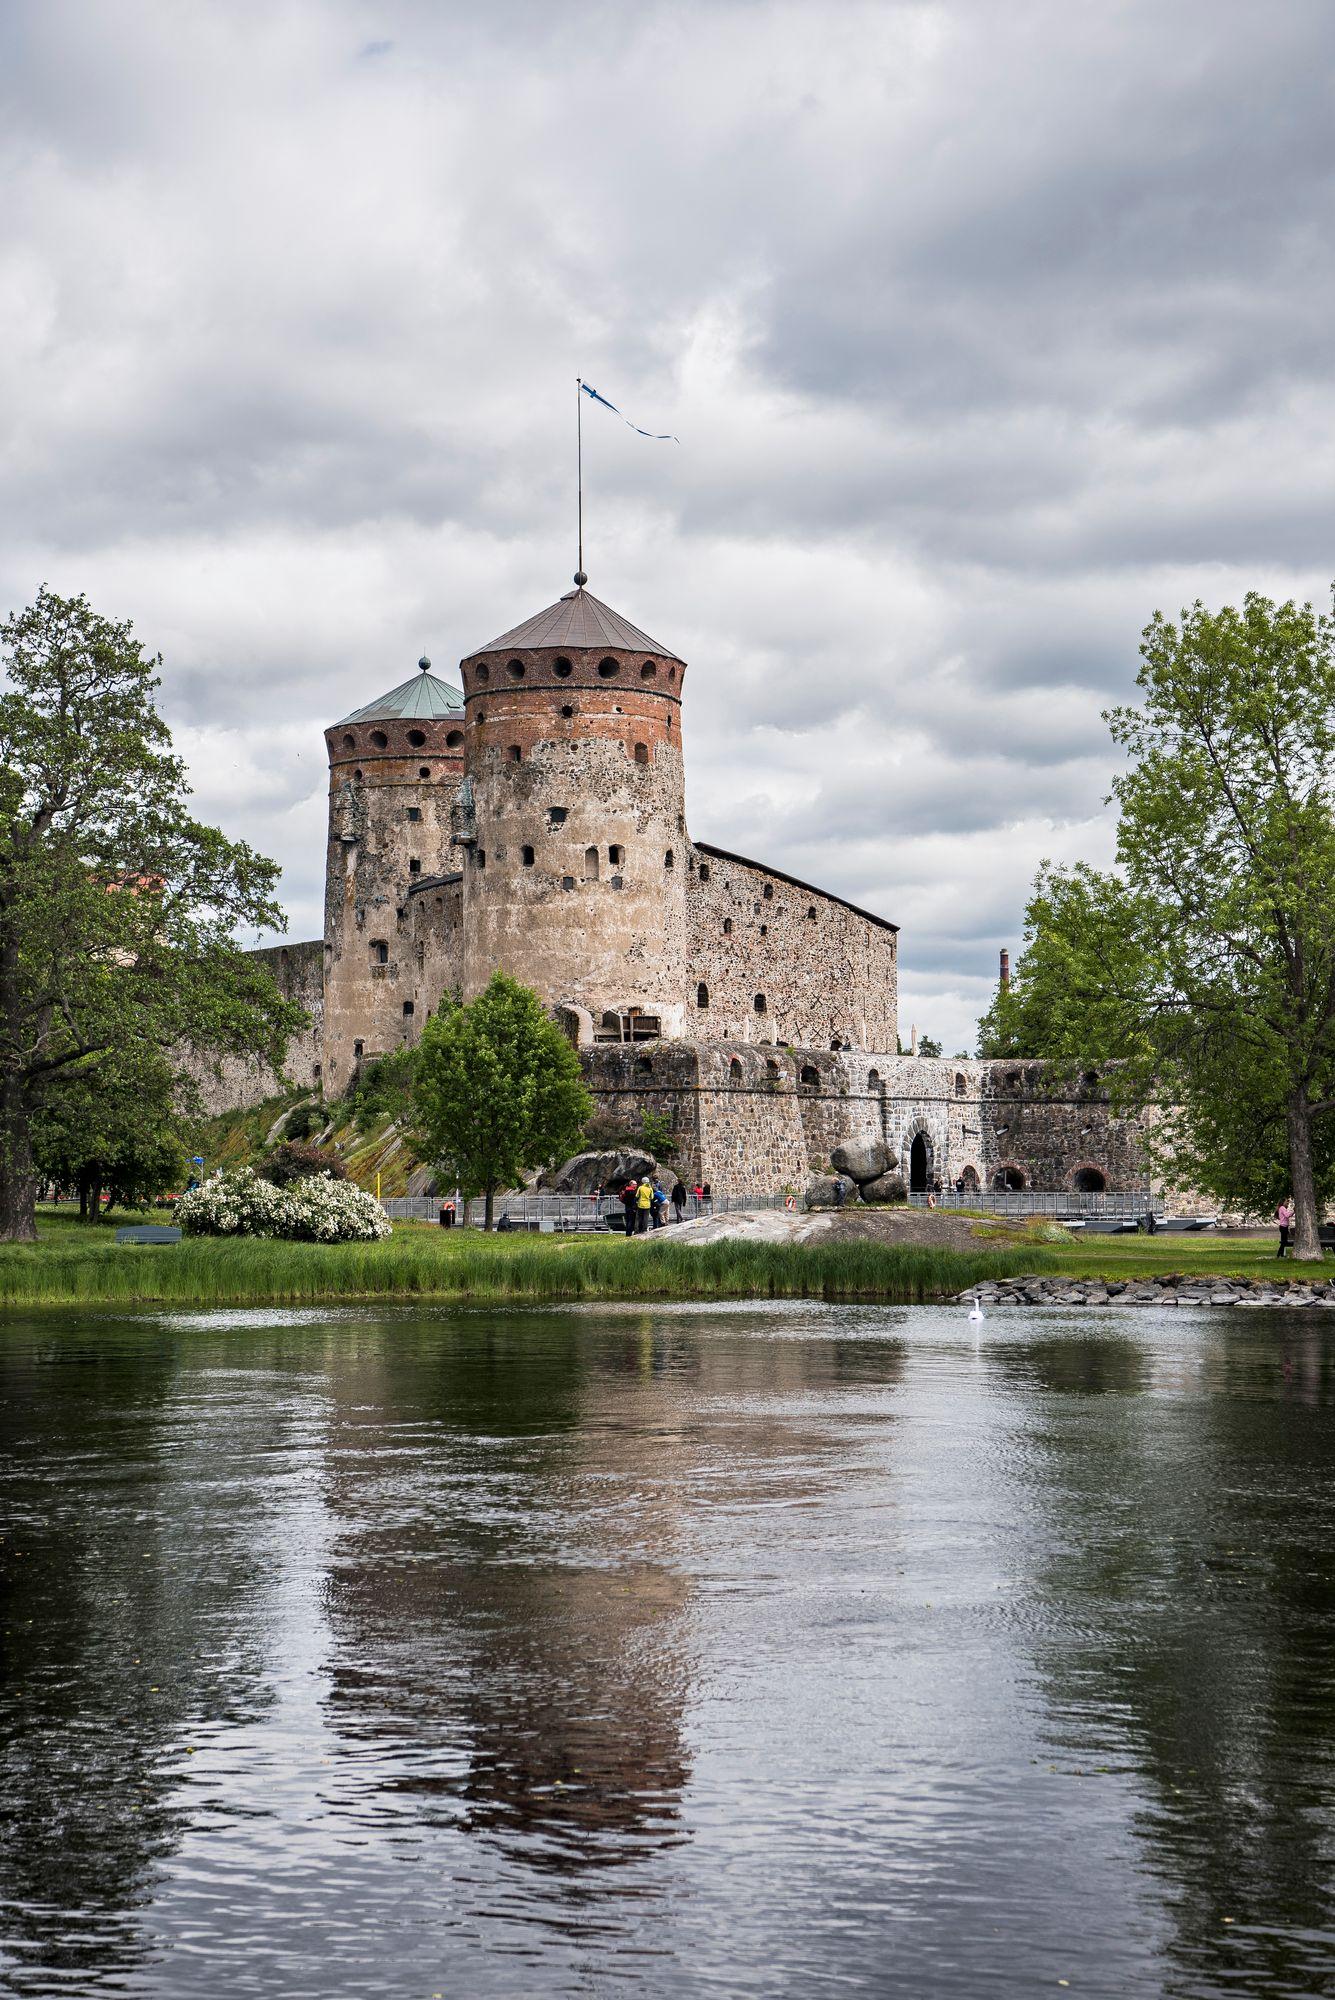 Saimaan reissulla kannattaa poiketa myös Olavinlinnassa. © Vesa Tyni / Otavamedia